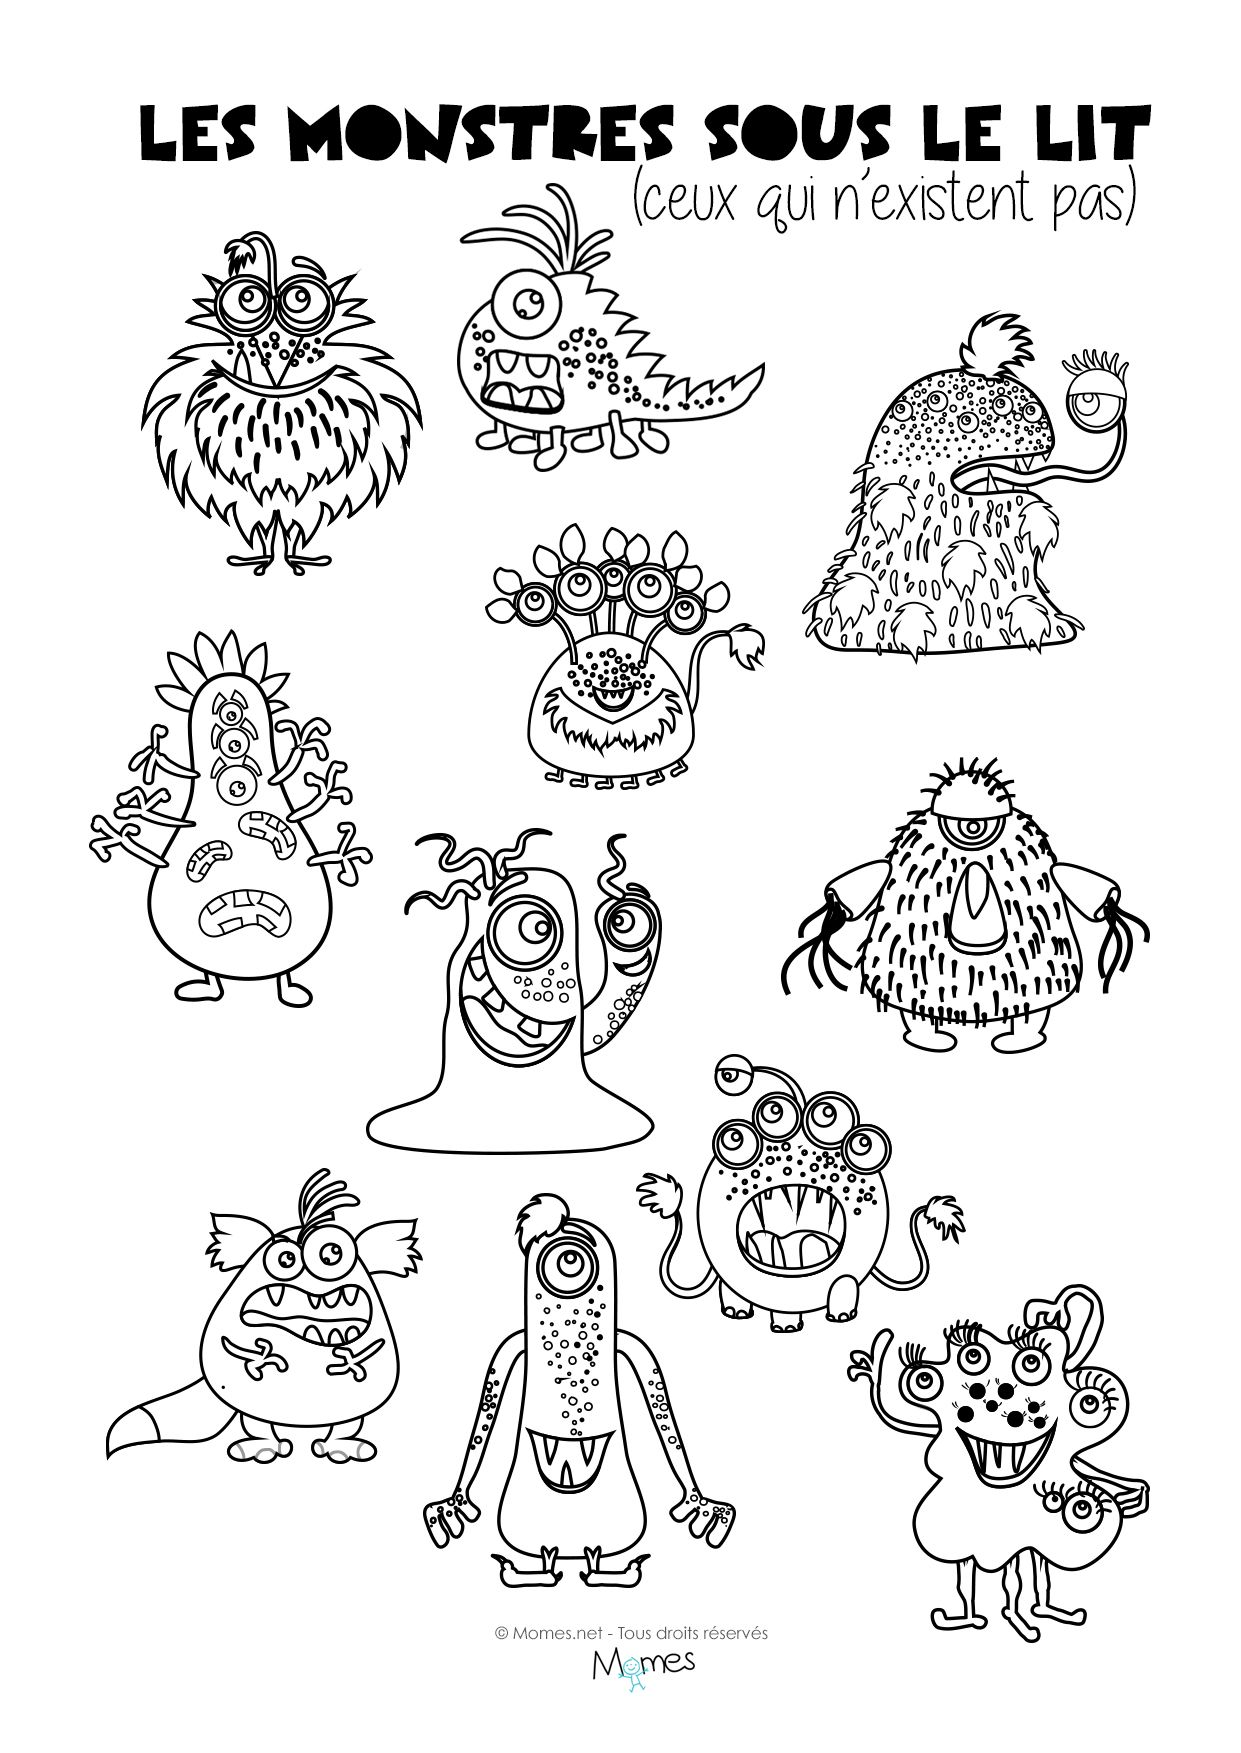 Coloriages les monstres sous le lit desenhio pinterest coloriage coloriage monstre e - Monstre a colorier ...